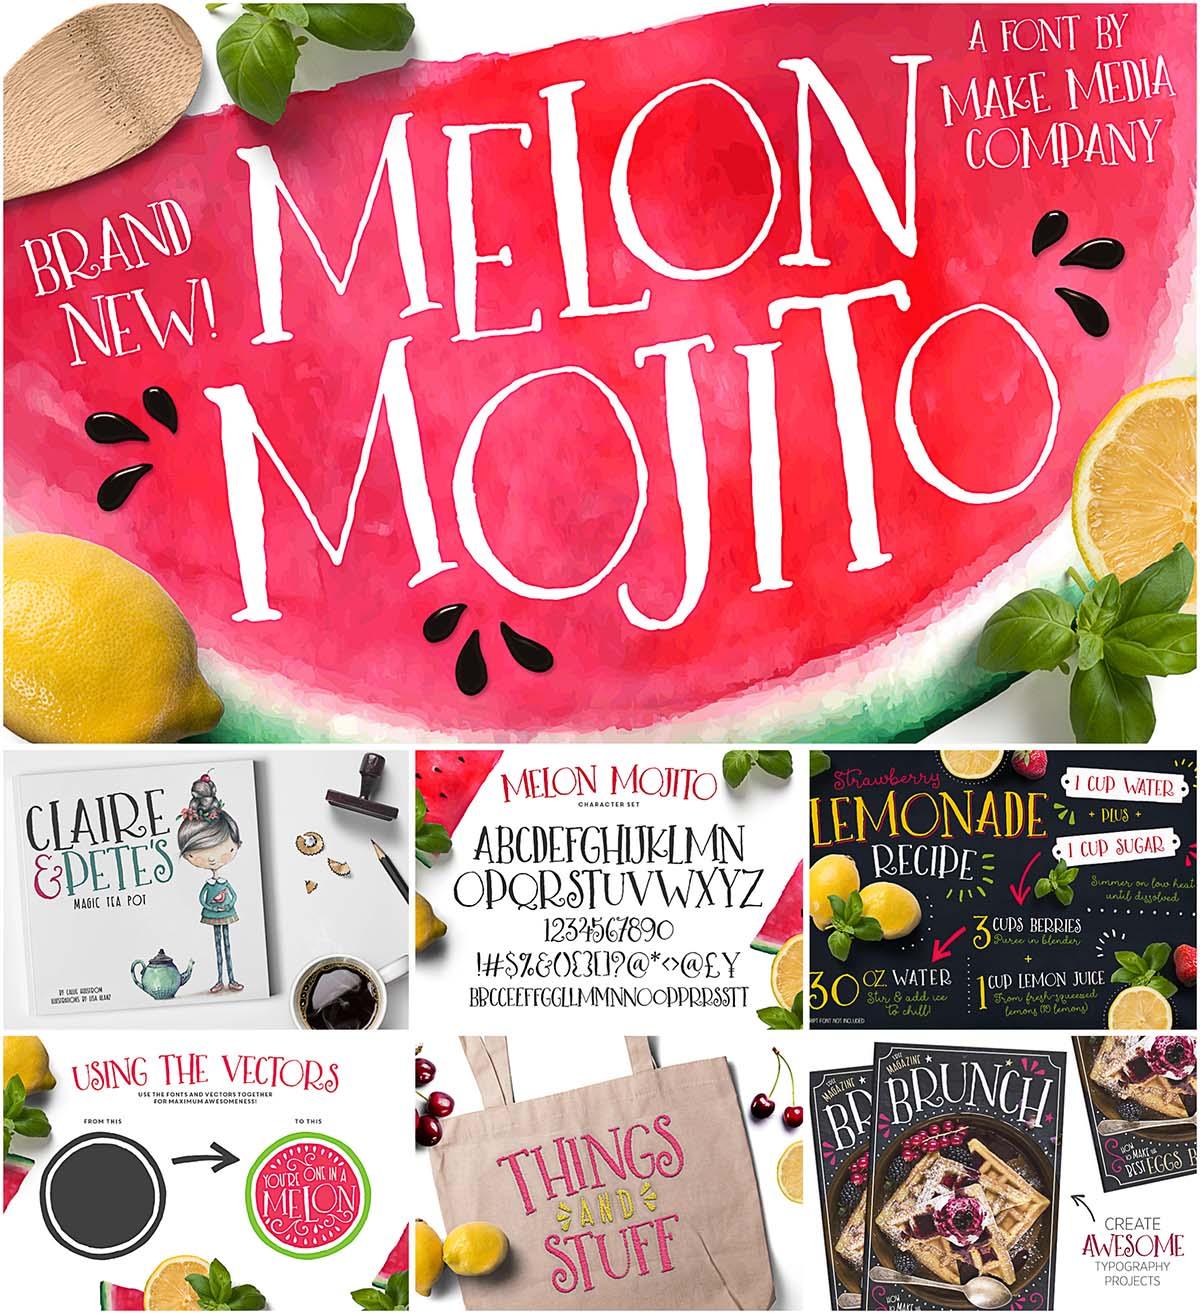 Melon Mojito handwritten font